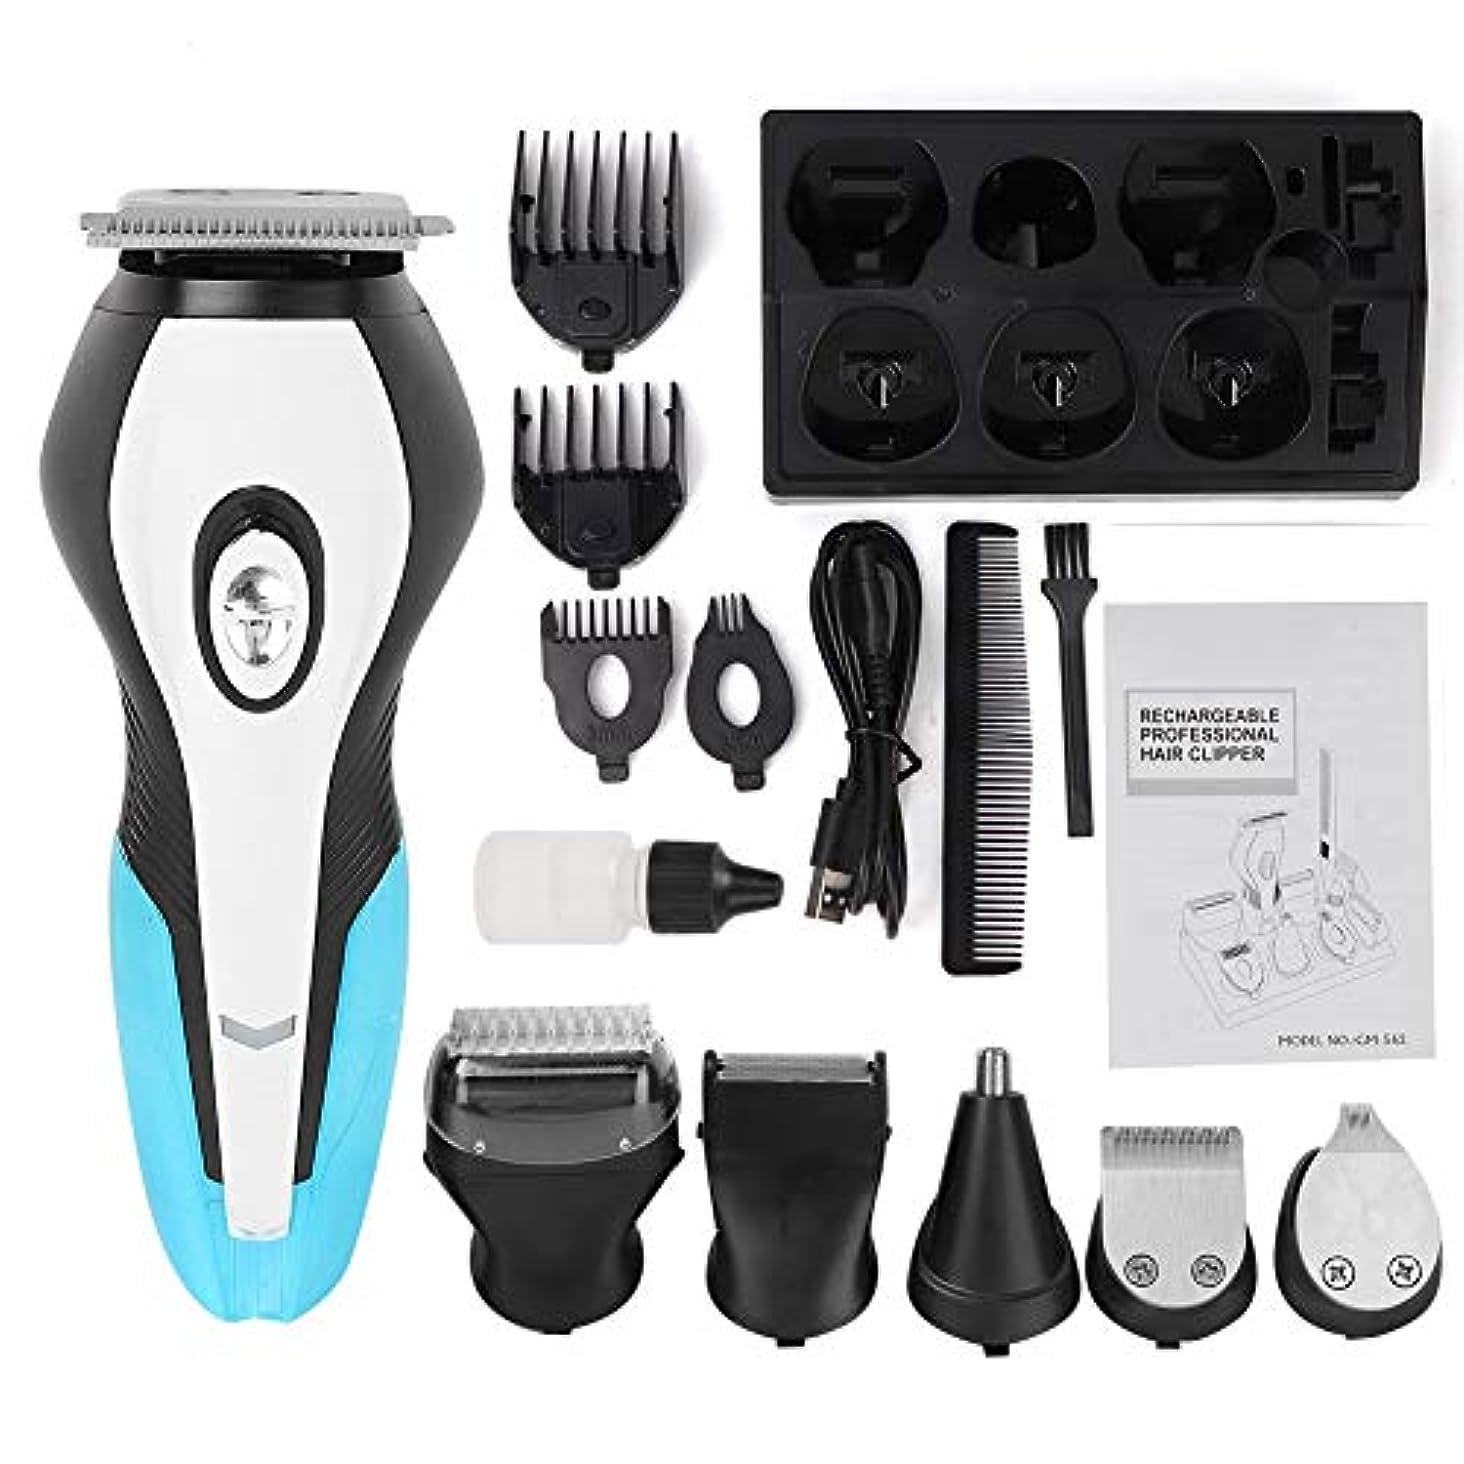 進化分析的ウェイター電気かみそり、多機能ひげトリマー、ヘアスタイリング鼻毛除去機クリーニングツール